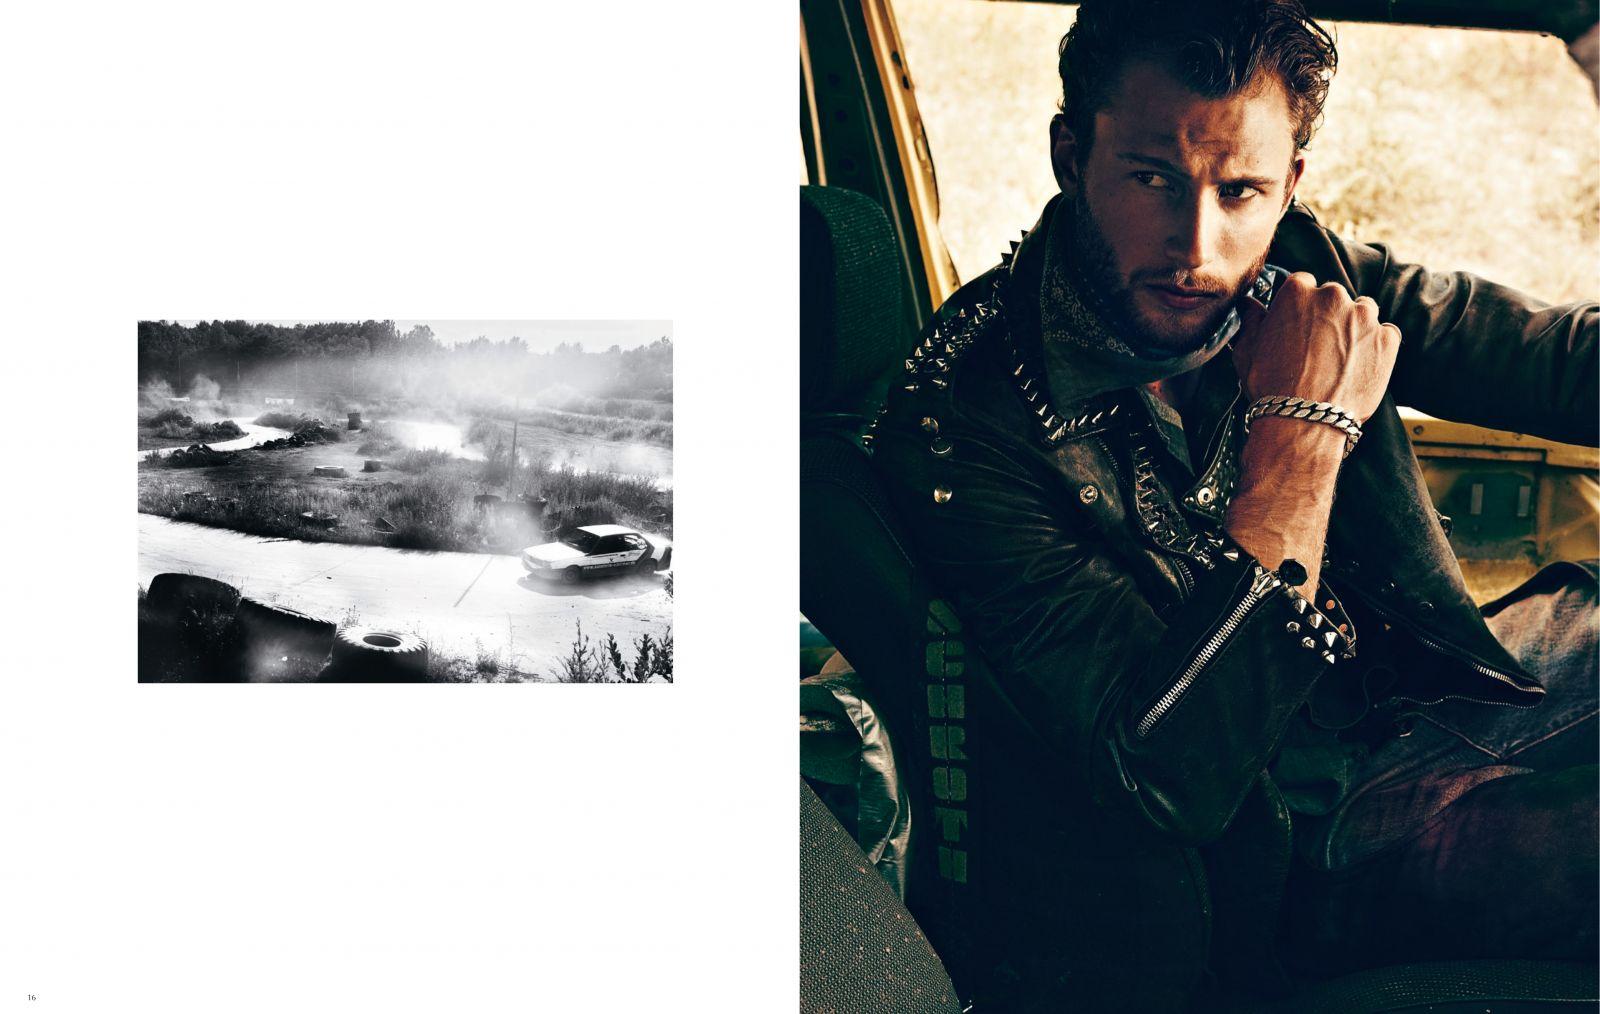 Helix Magazine, Photographers MARKUS JANS